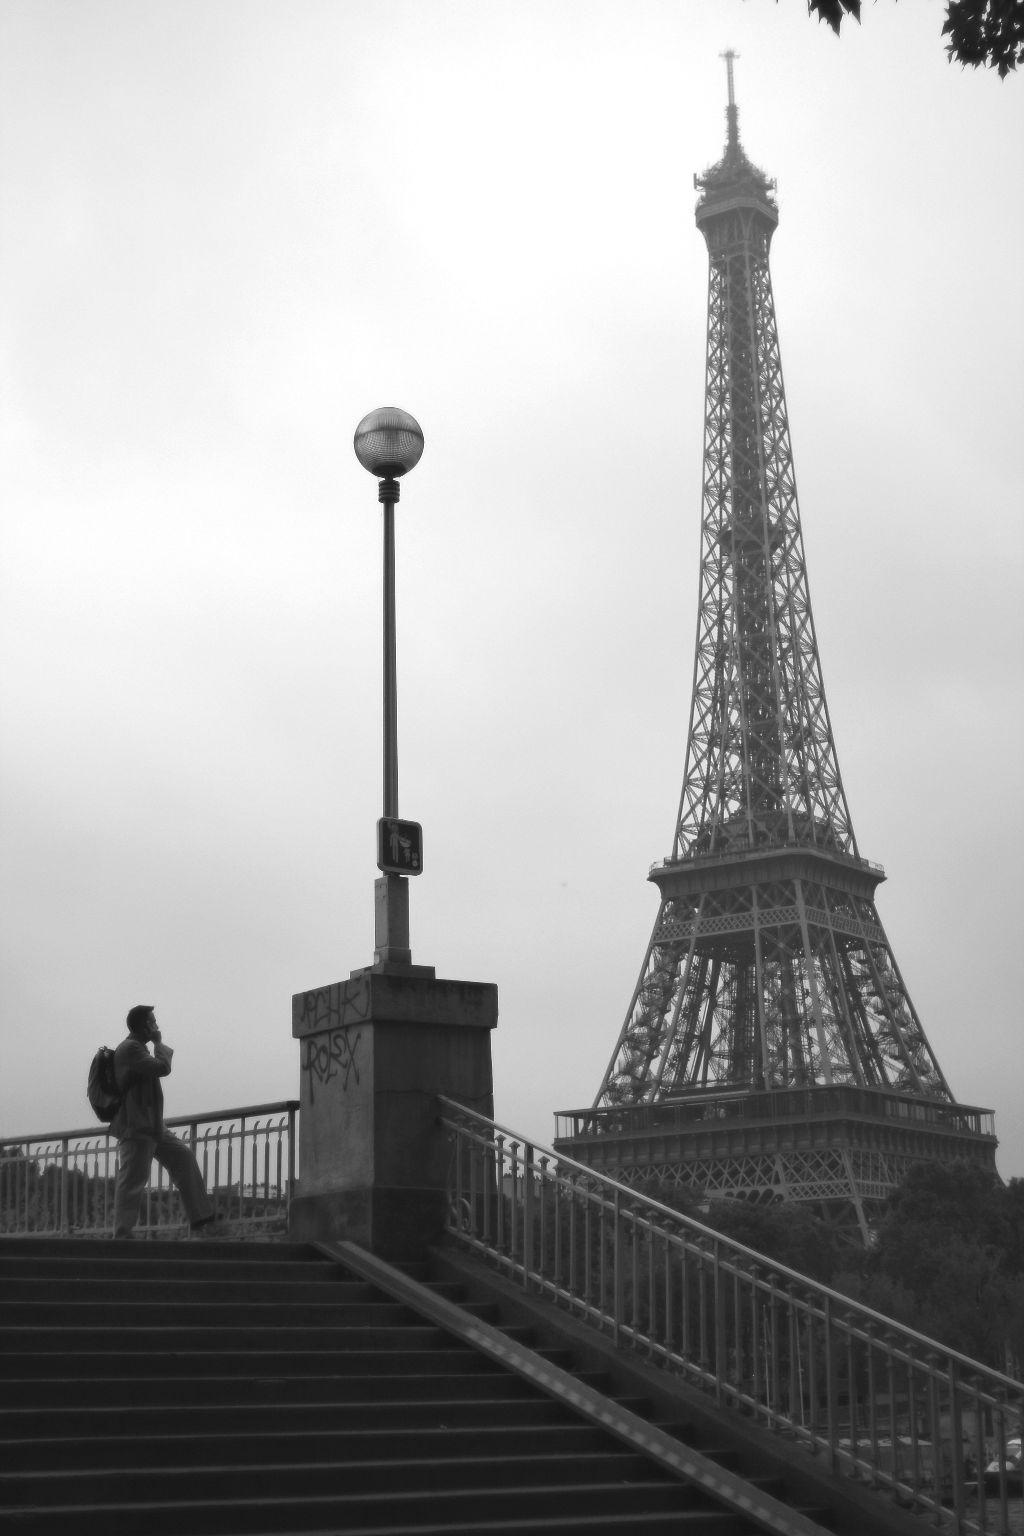 #paris #travel #blackandwhite#FreeToEdit